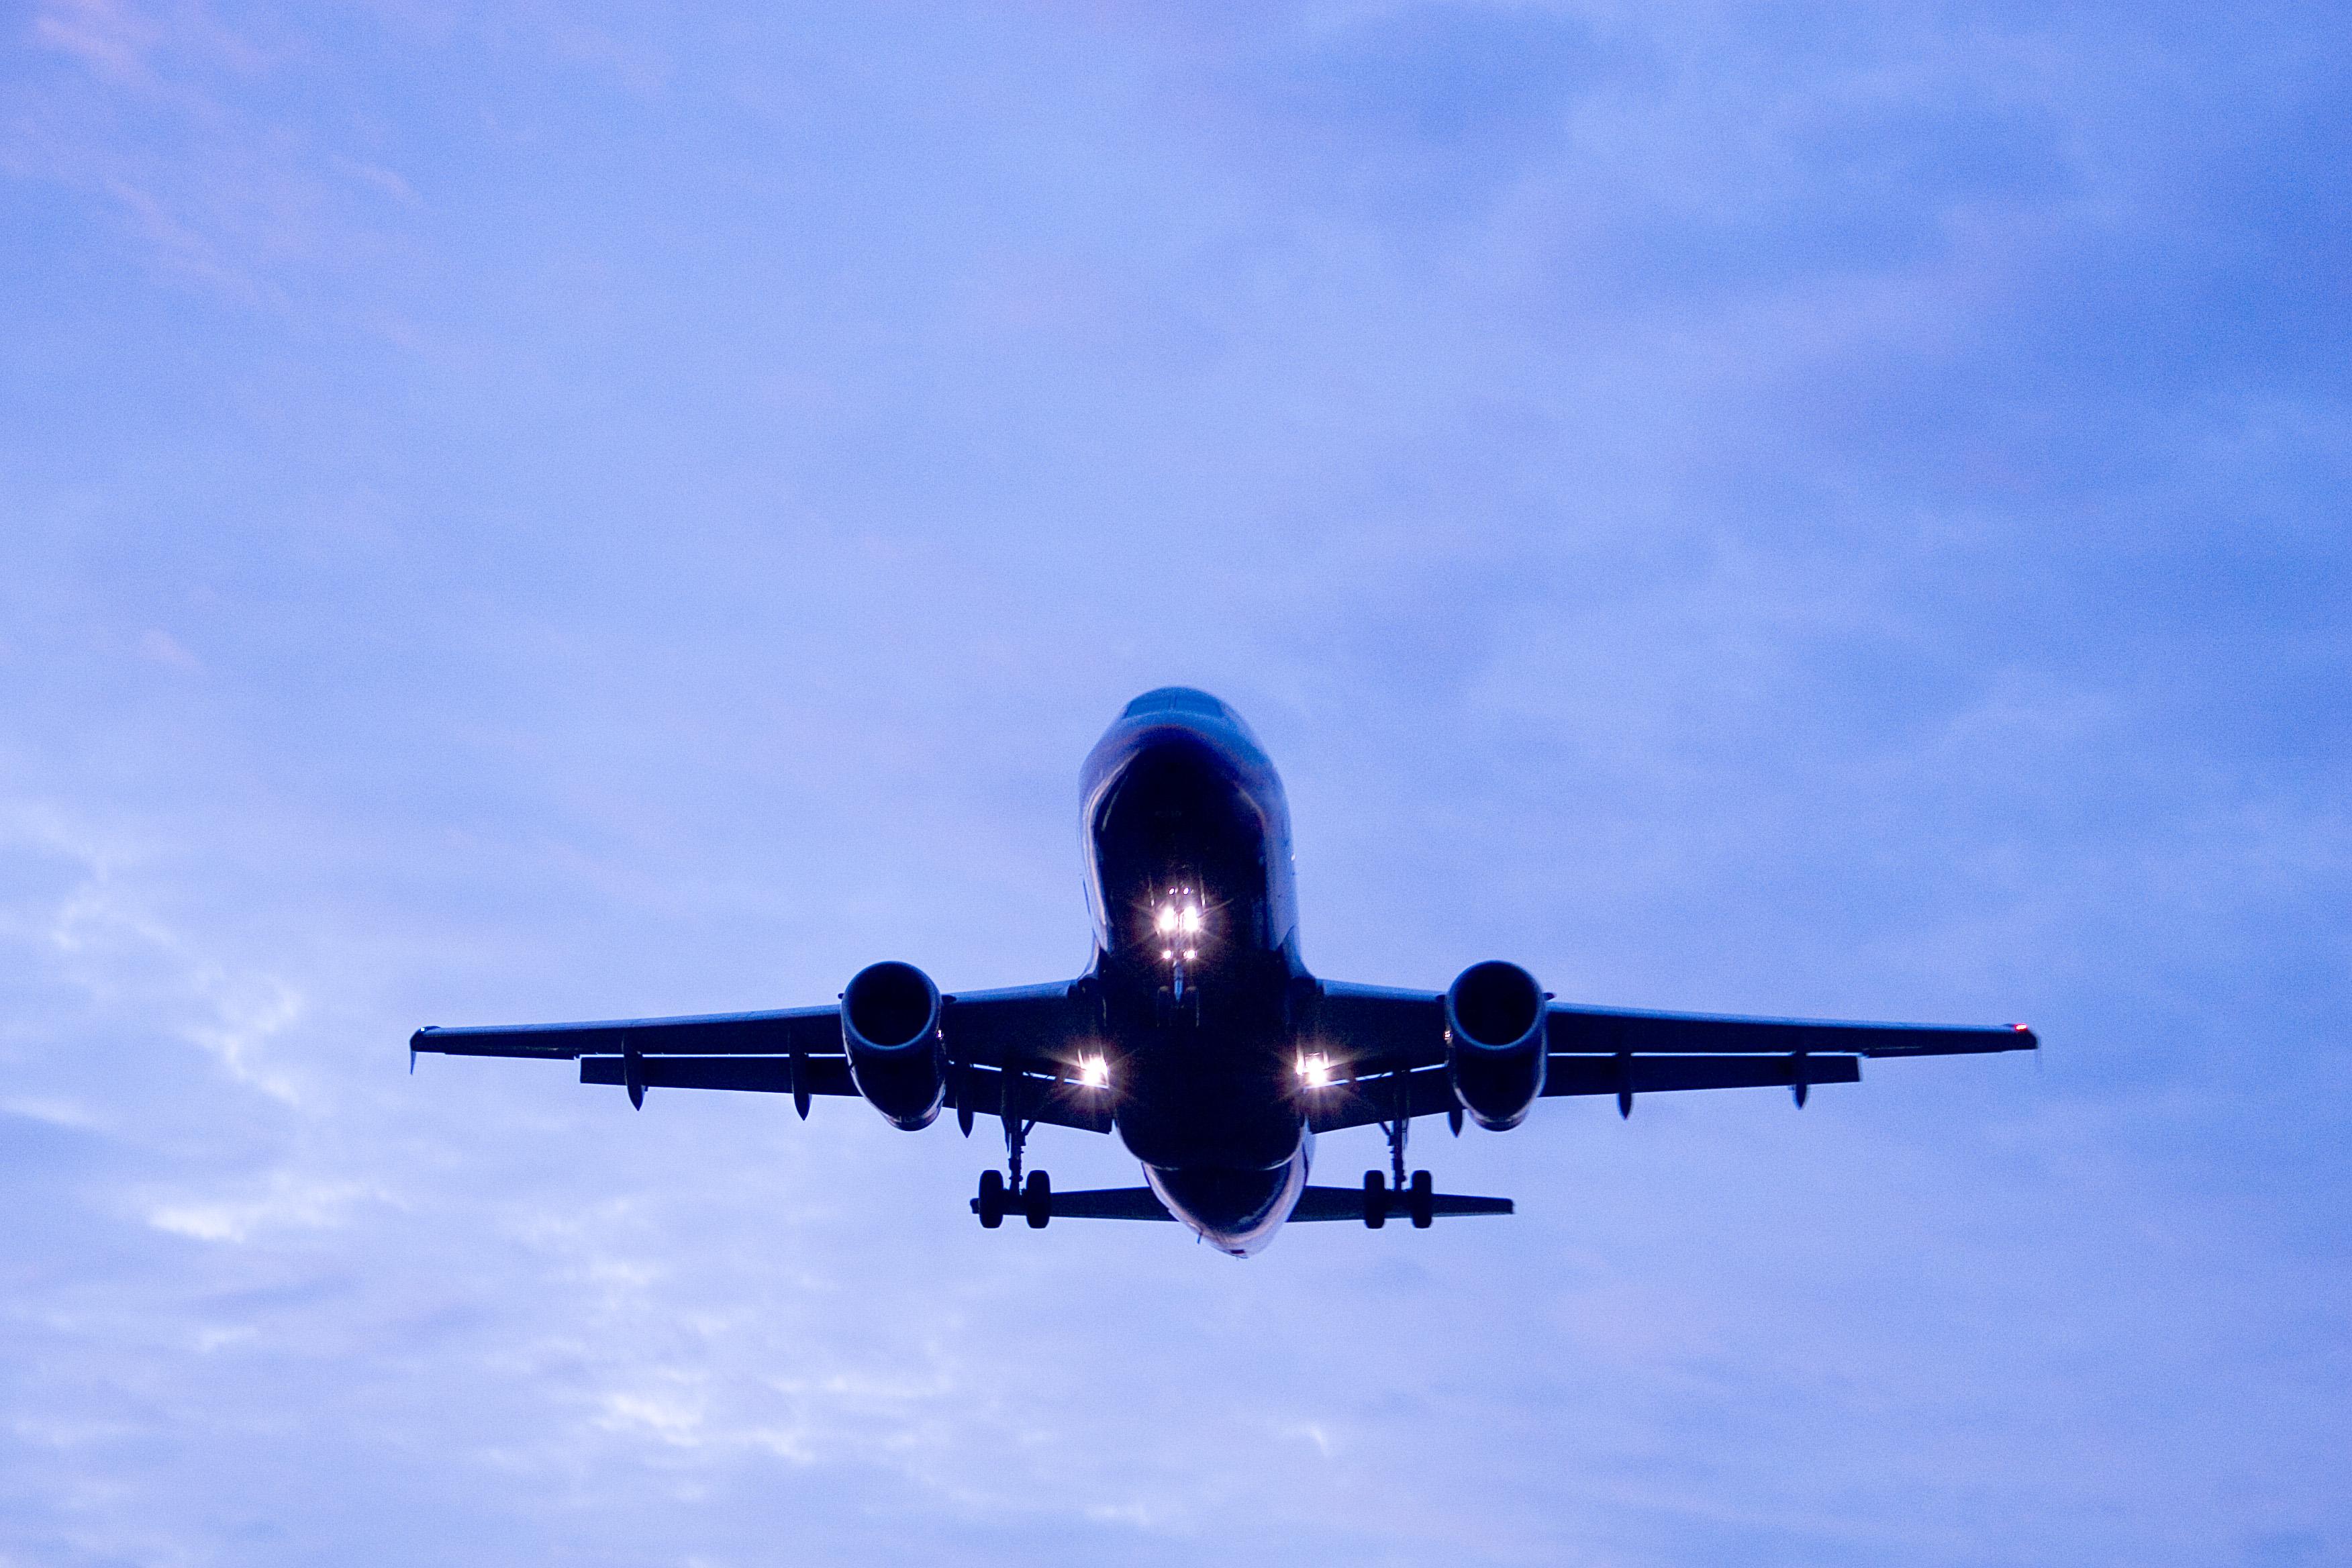 Tańszy bilet lotniczy – Specjalne stawki touroperatorskie  – Ważne informacje dotyczące rezerwacji biletów lotniczych